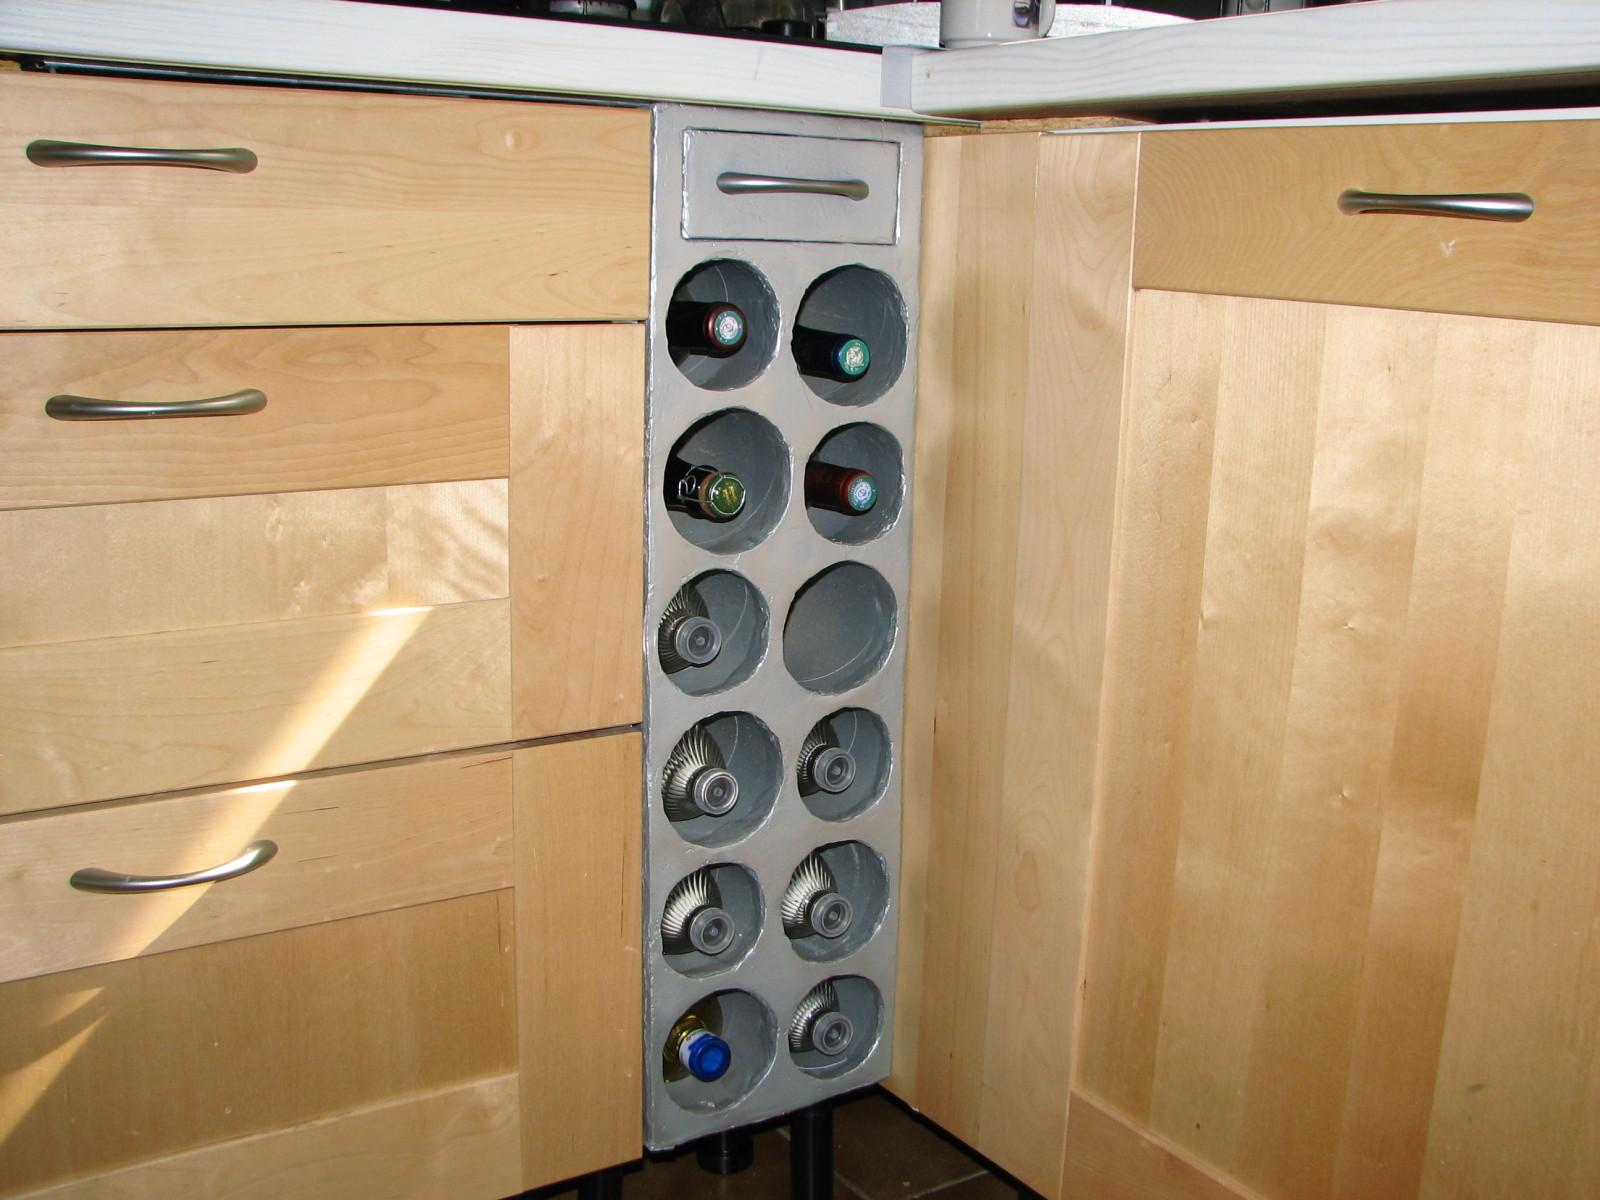 Casier a bouteille en bois pour cuisine - Casier bouteille cuisine ...